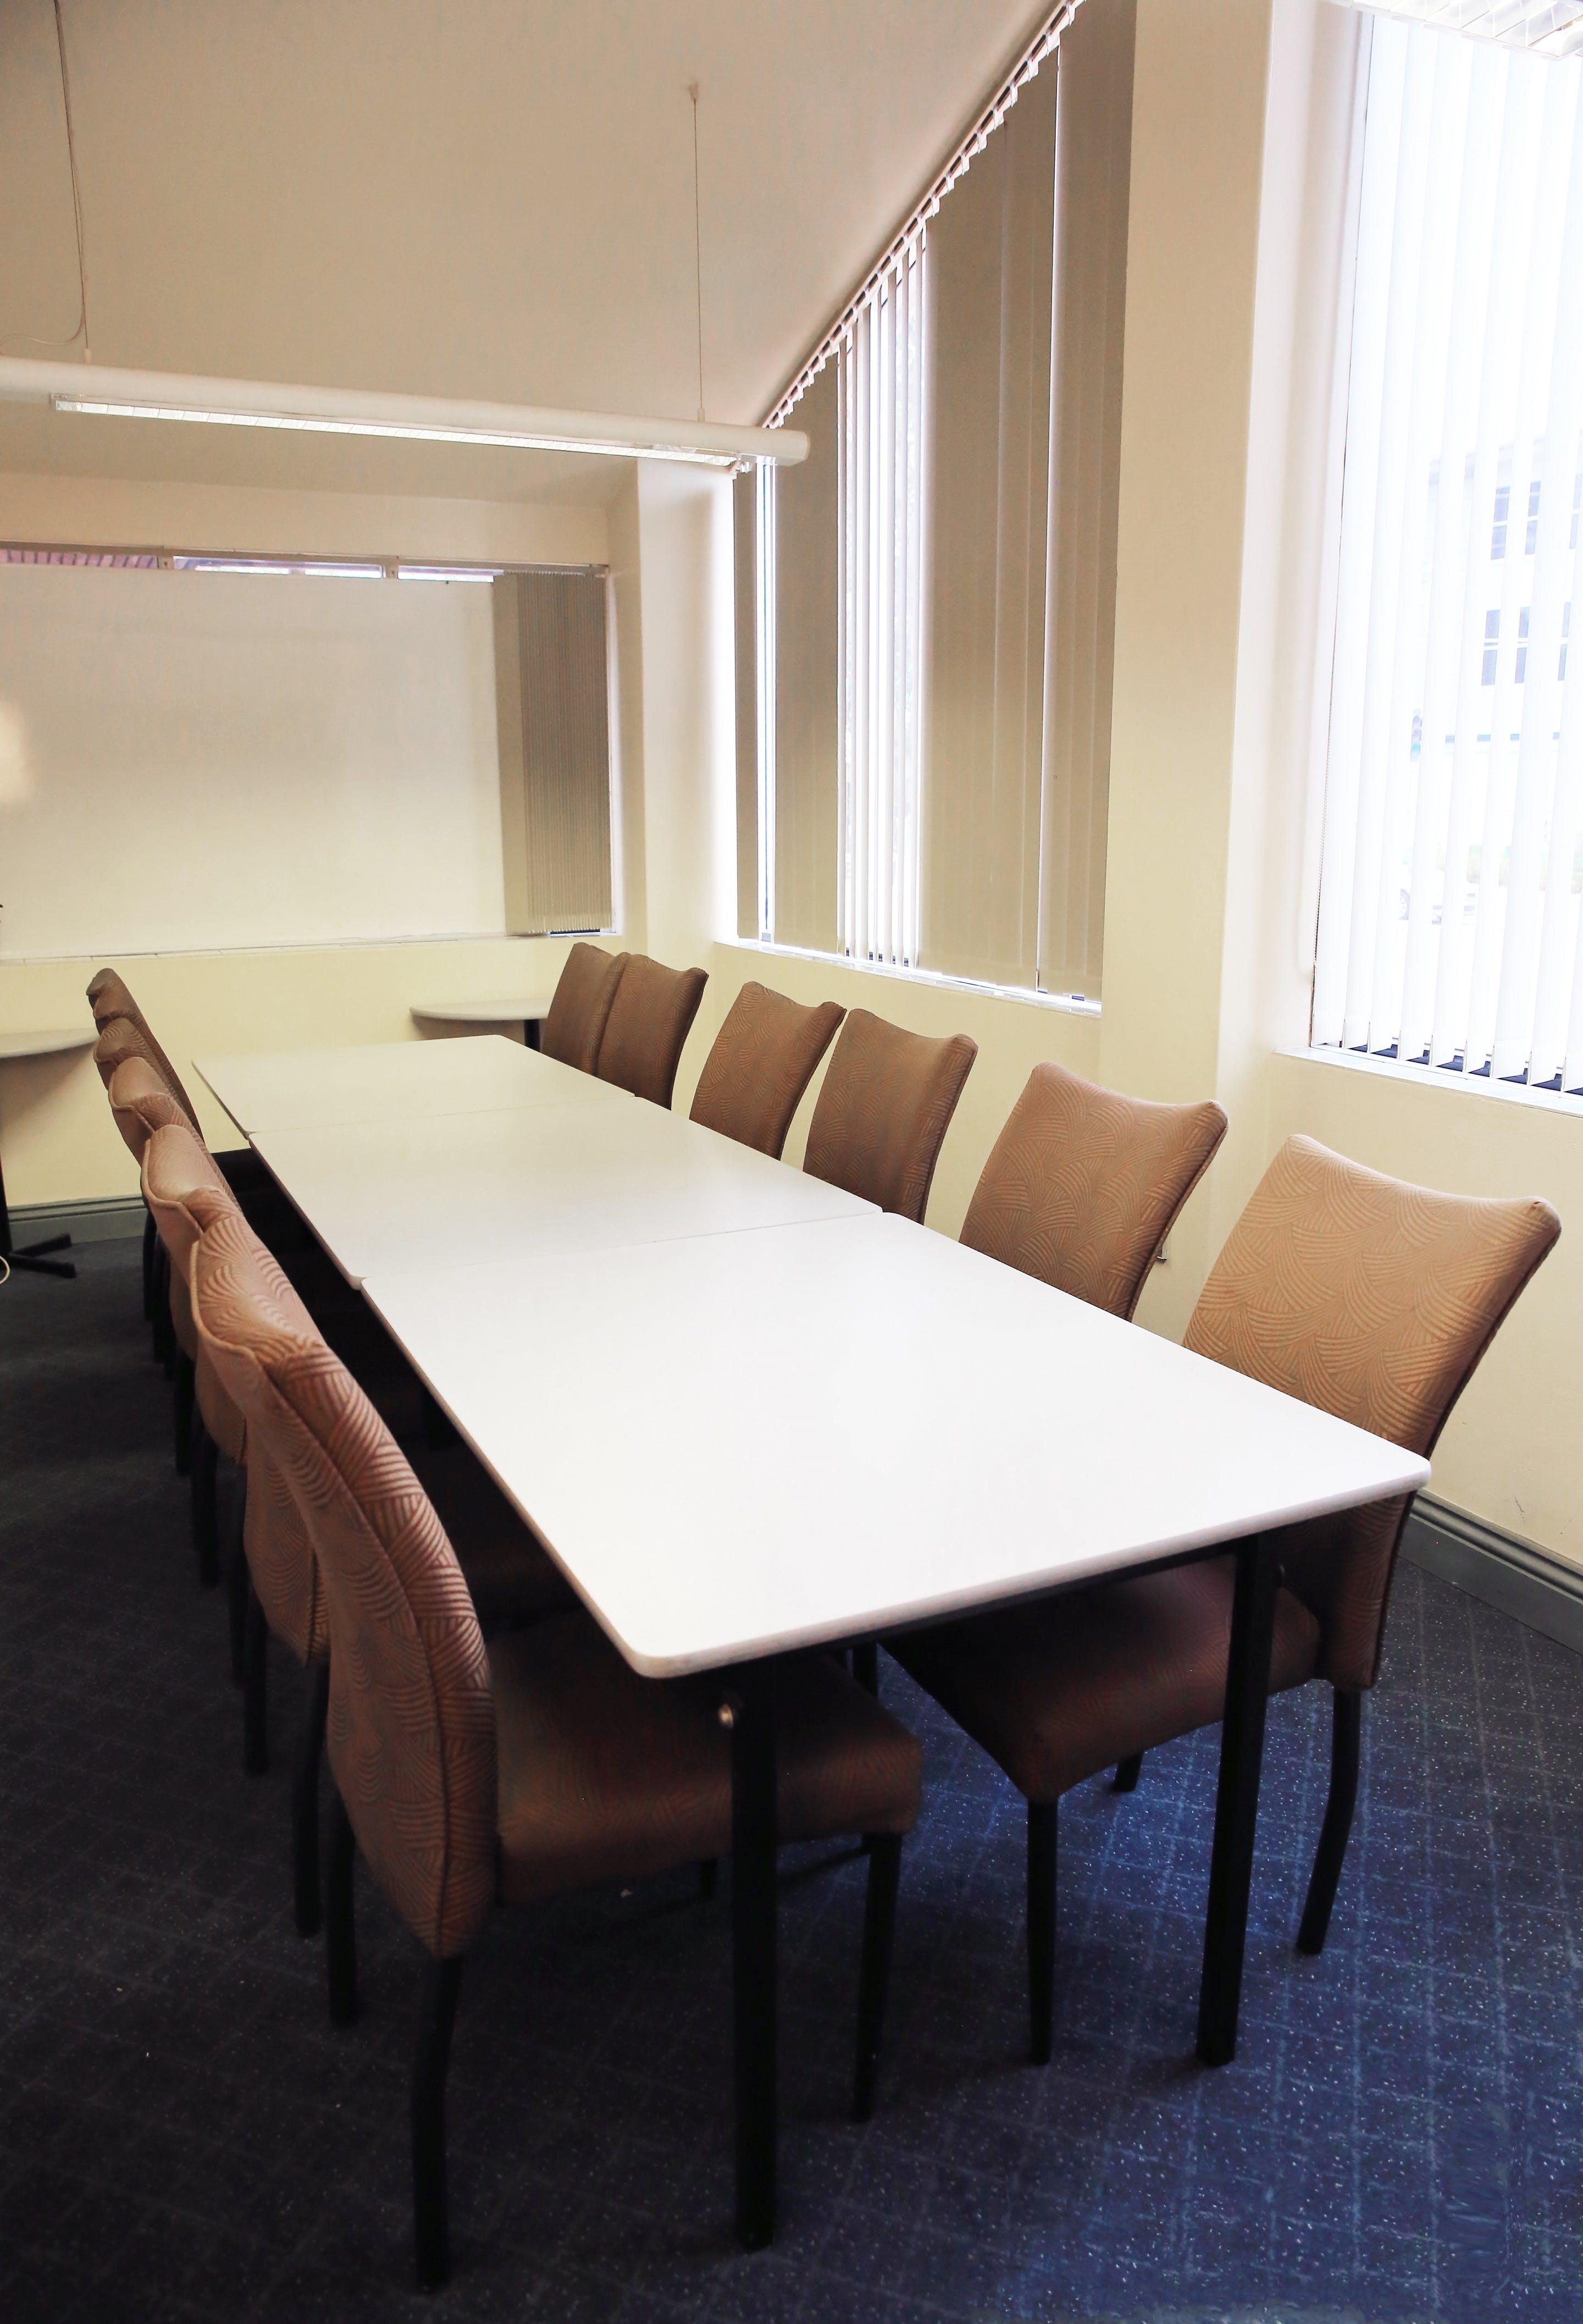 Boardroom, meeting room at Best Western Twin Towers Inn, image 1